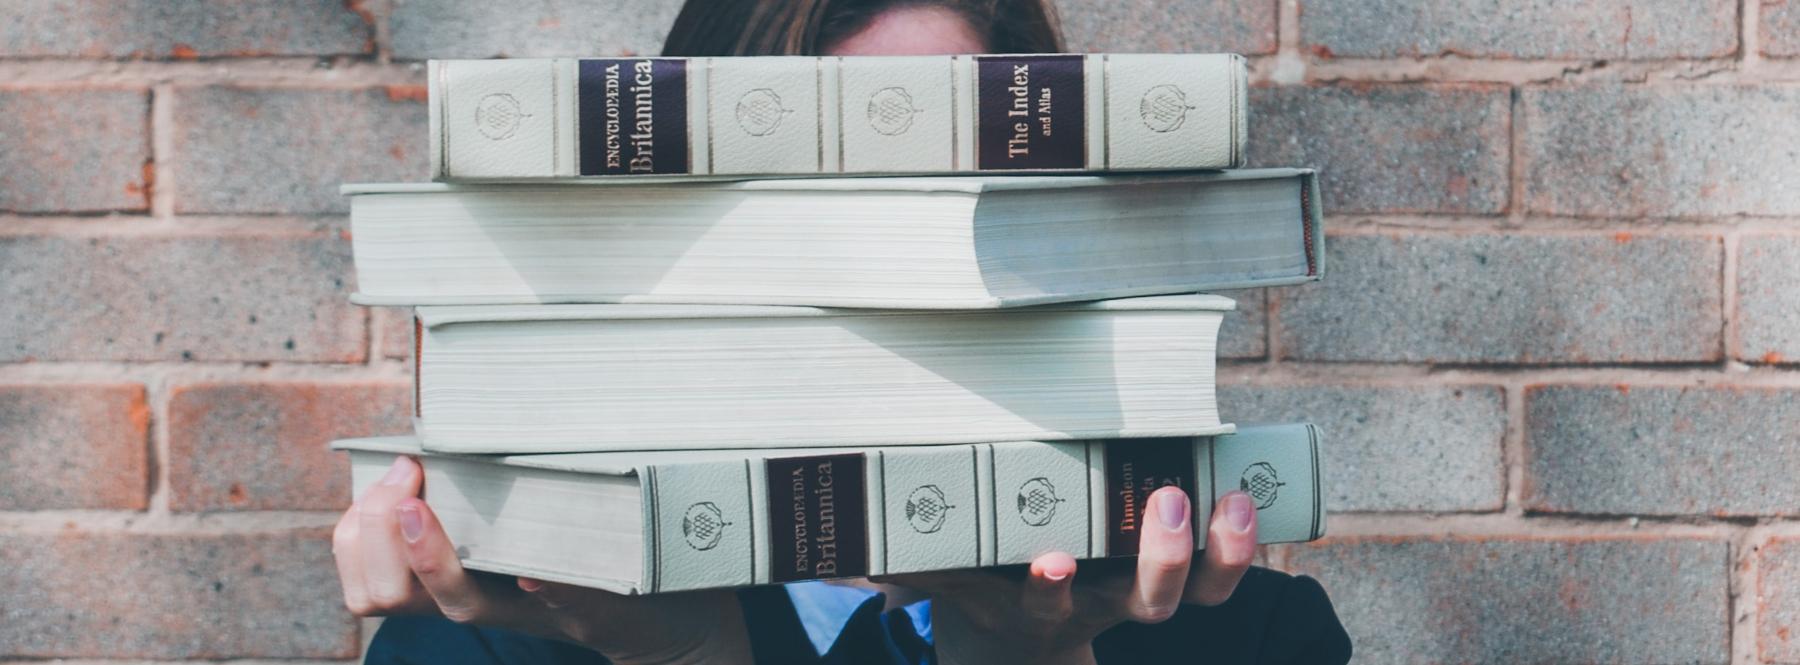 La Institución Libre de Enseñanza y cómo España fue ejemplo de innovación educativa